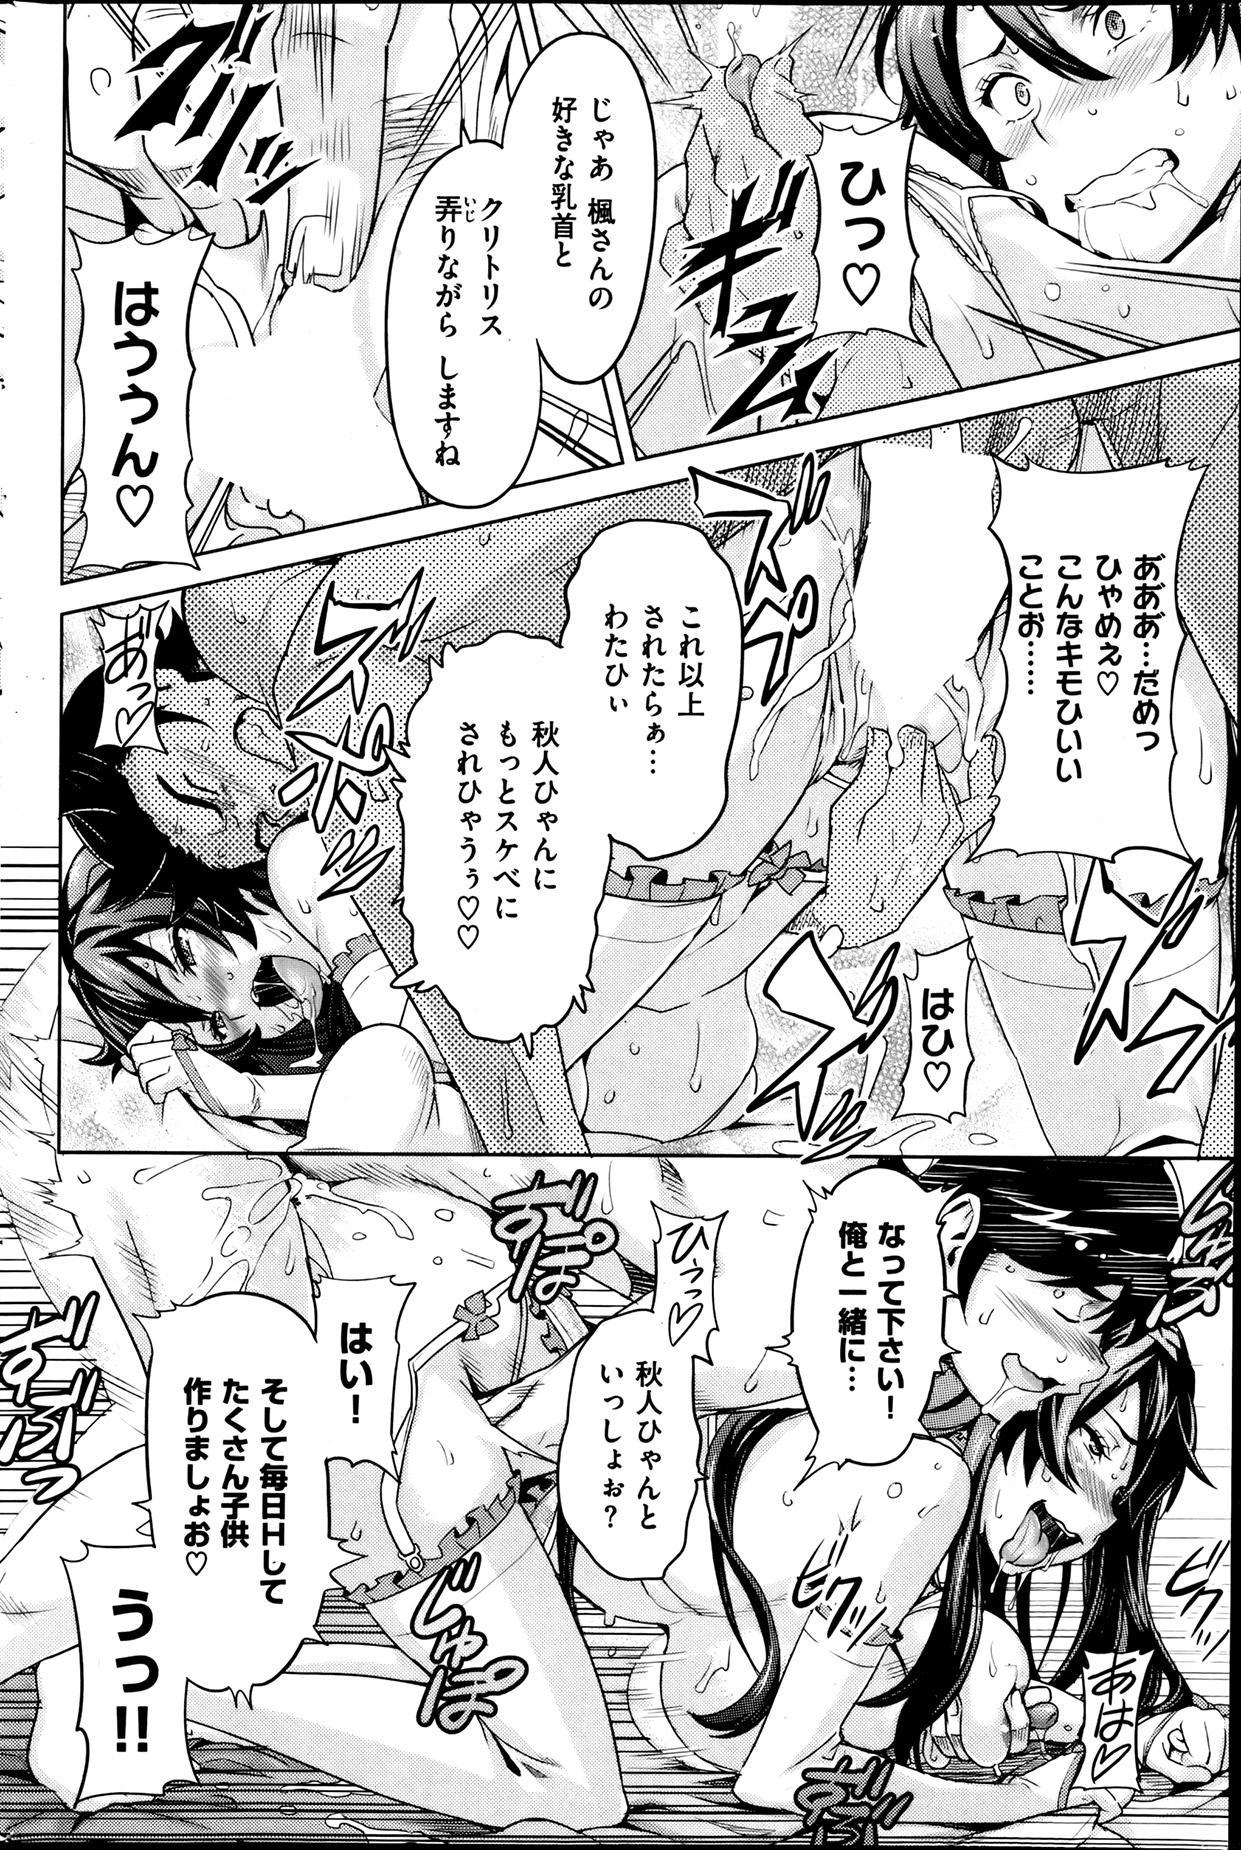 COMIC HANA-MAN 2013-08 Takeda Hiromitsu Tokushuu 187